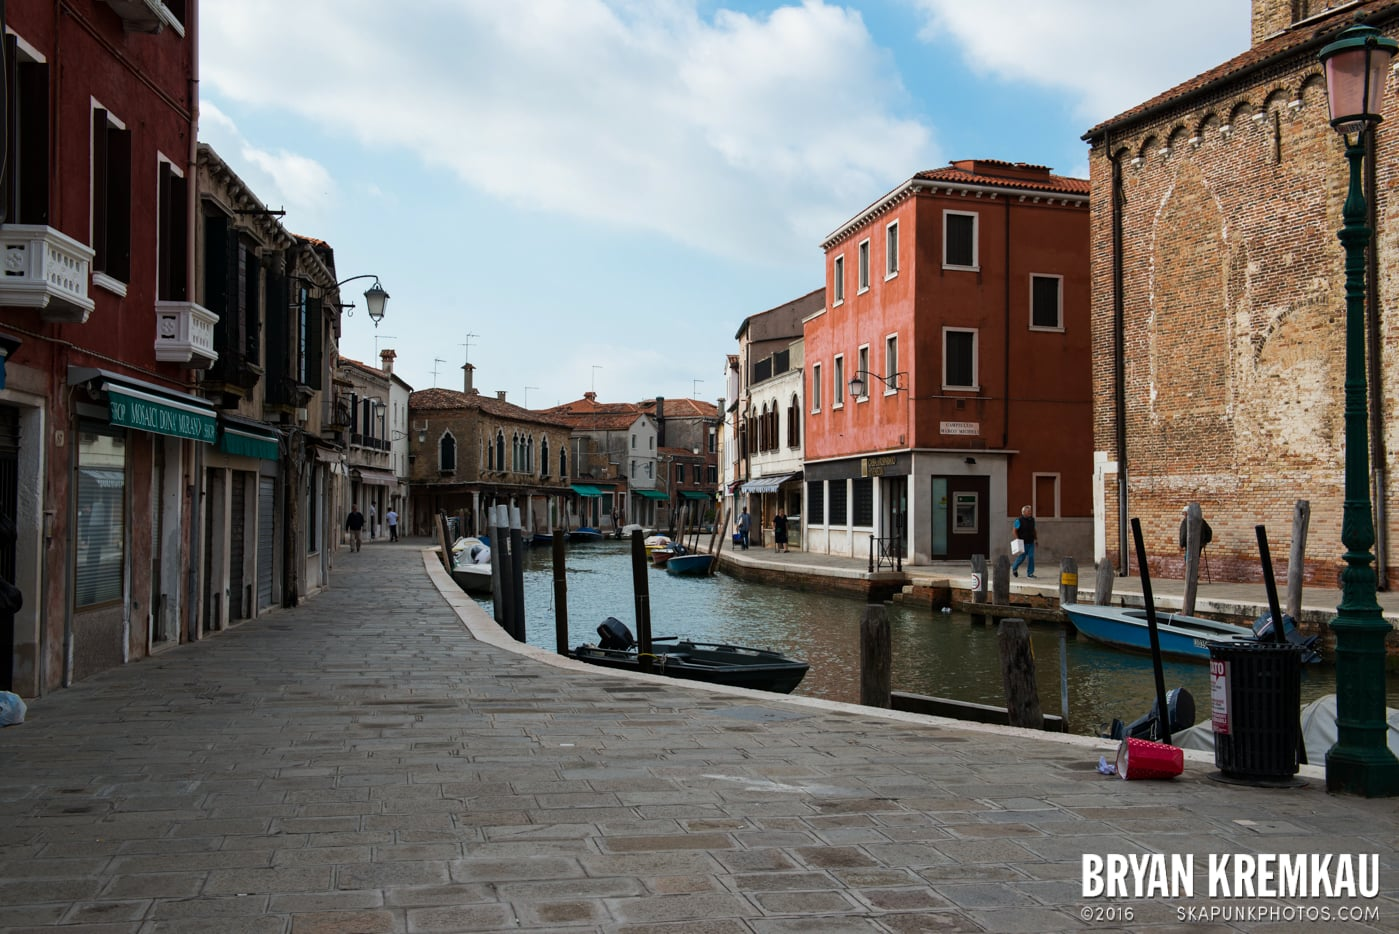 Italy Vacation - Day 6: Murano, Burano, Venice - 9.14.13 (94)